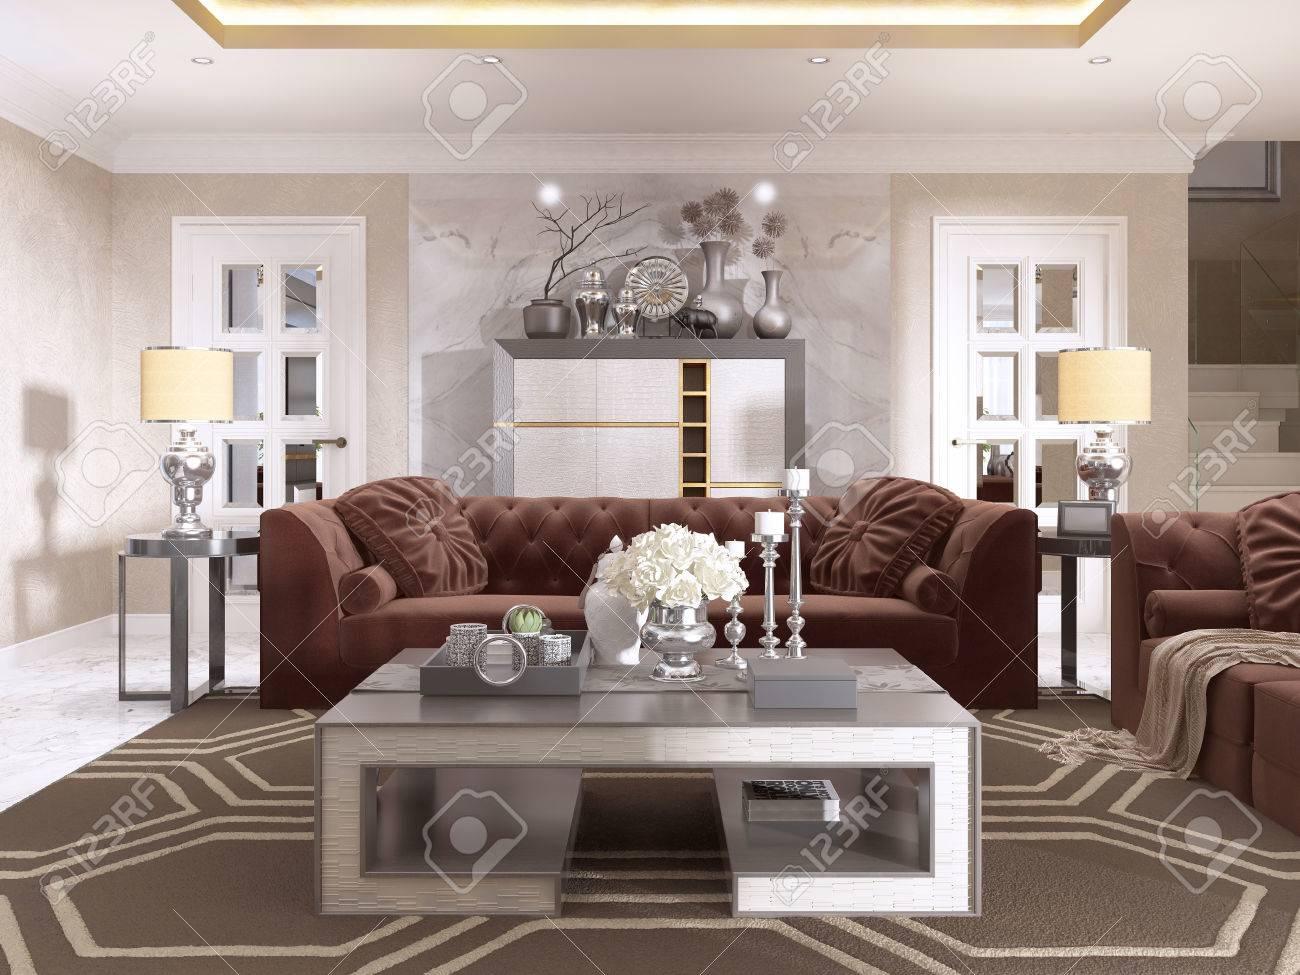 Salon De Style Art Déco Avec Des Meubles Design Rembourrés. Avec Un ...